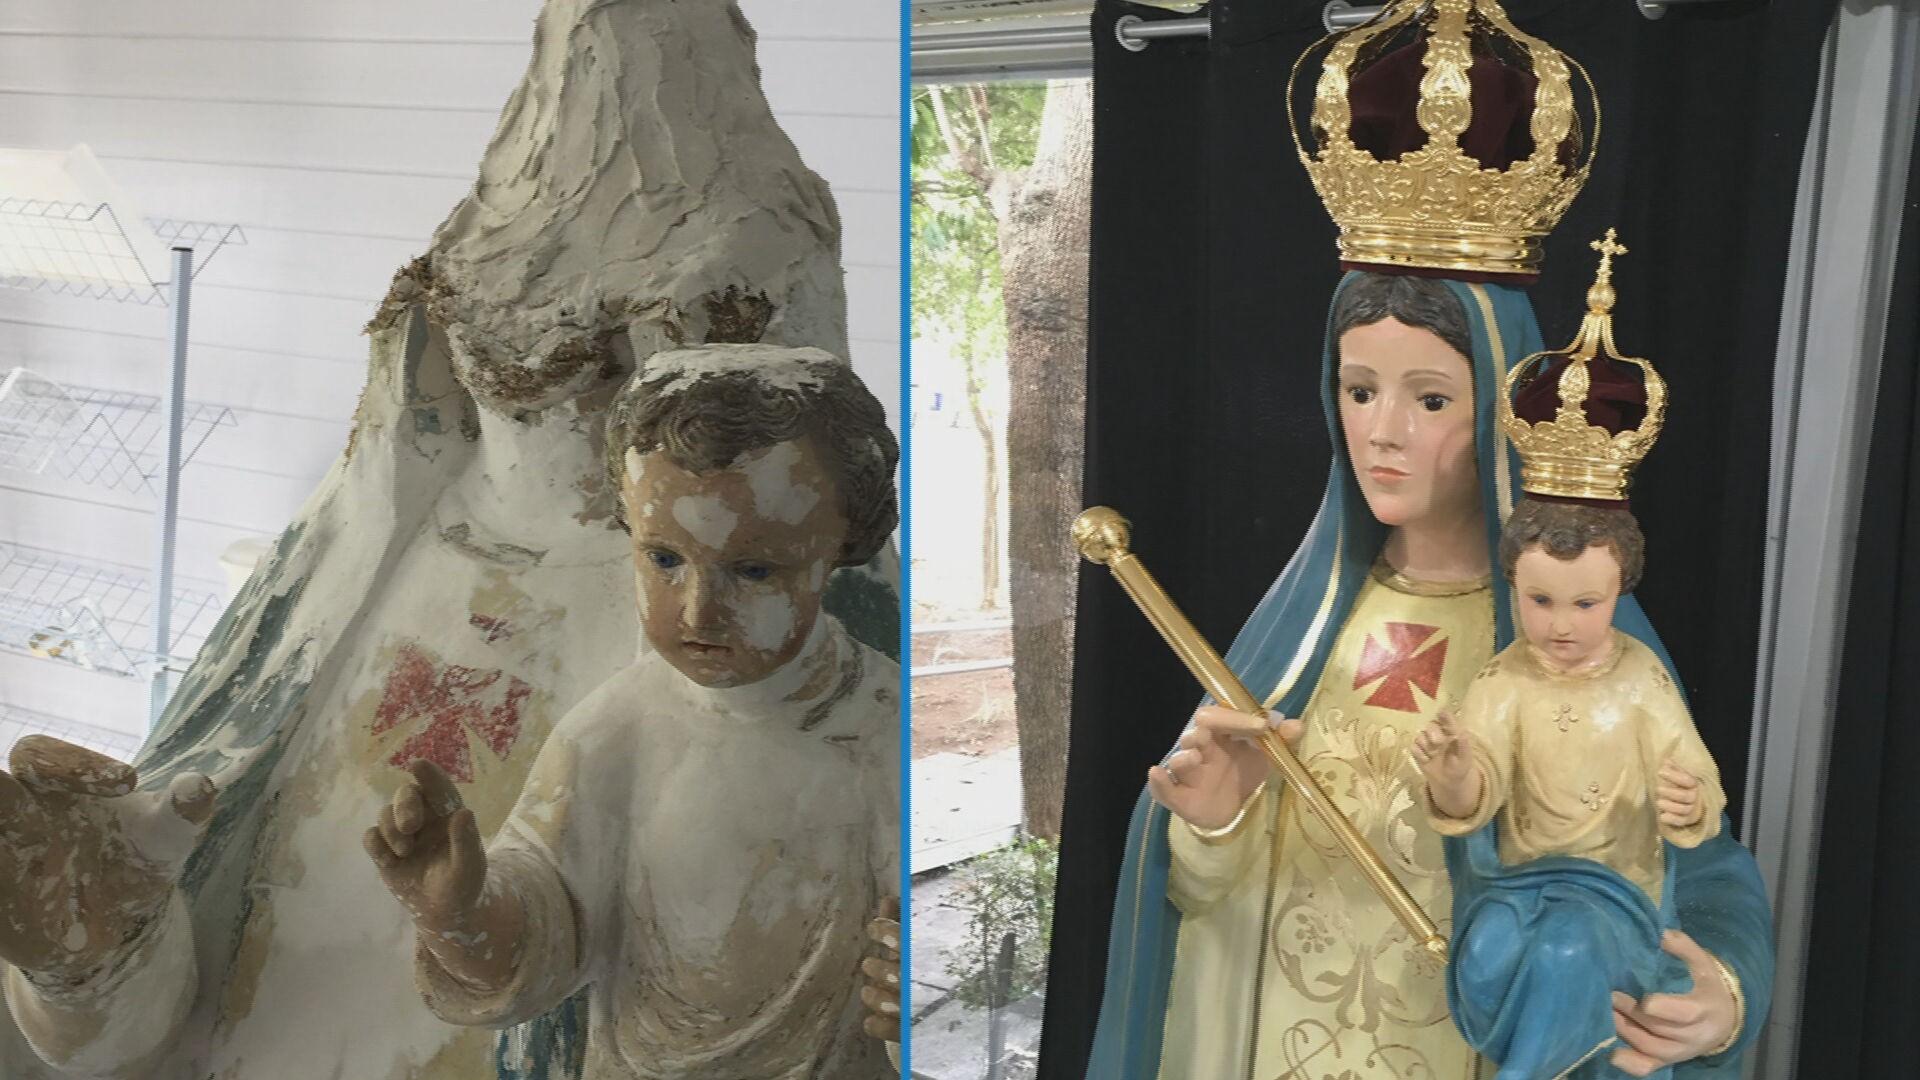 Museu de Arte Sacra de SP restaura parte das imagens de santos que foram vandalizadas em igreja de Osasco